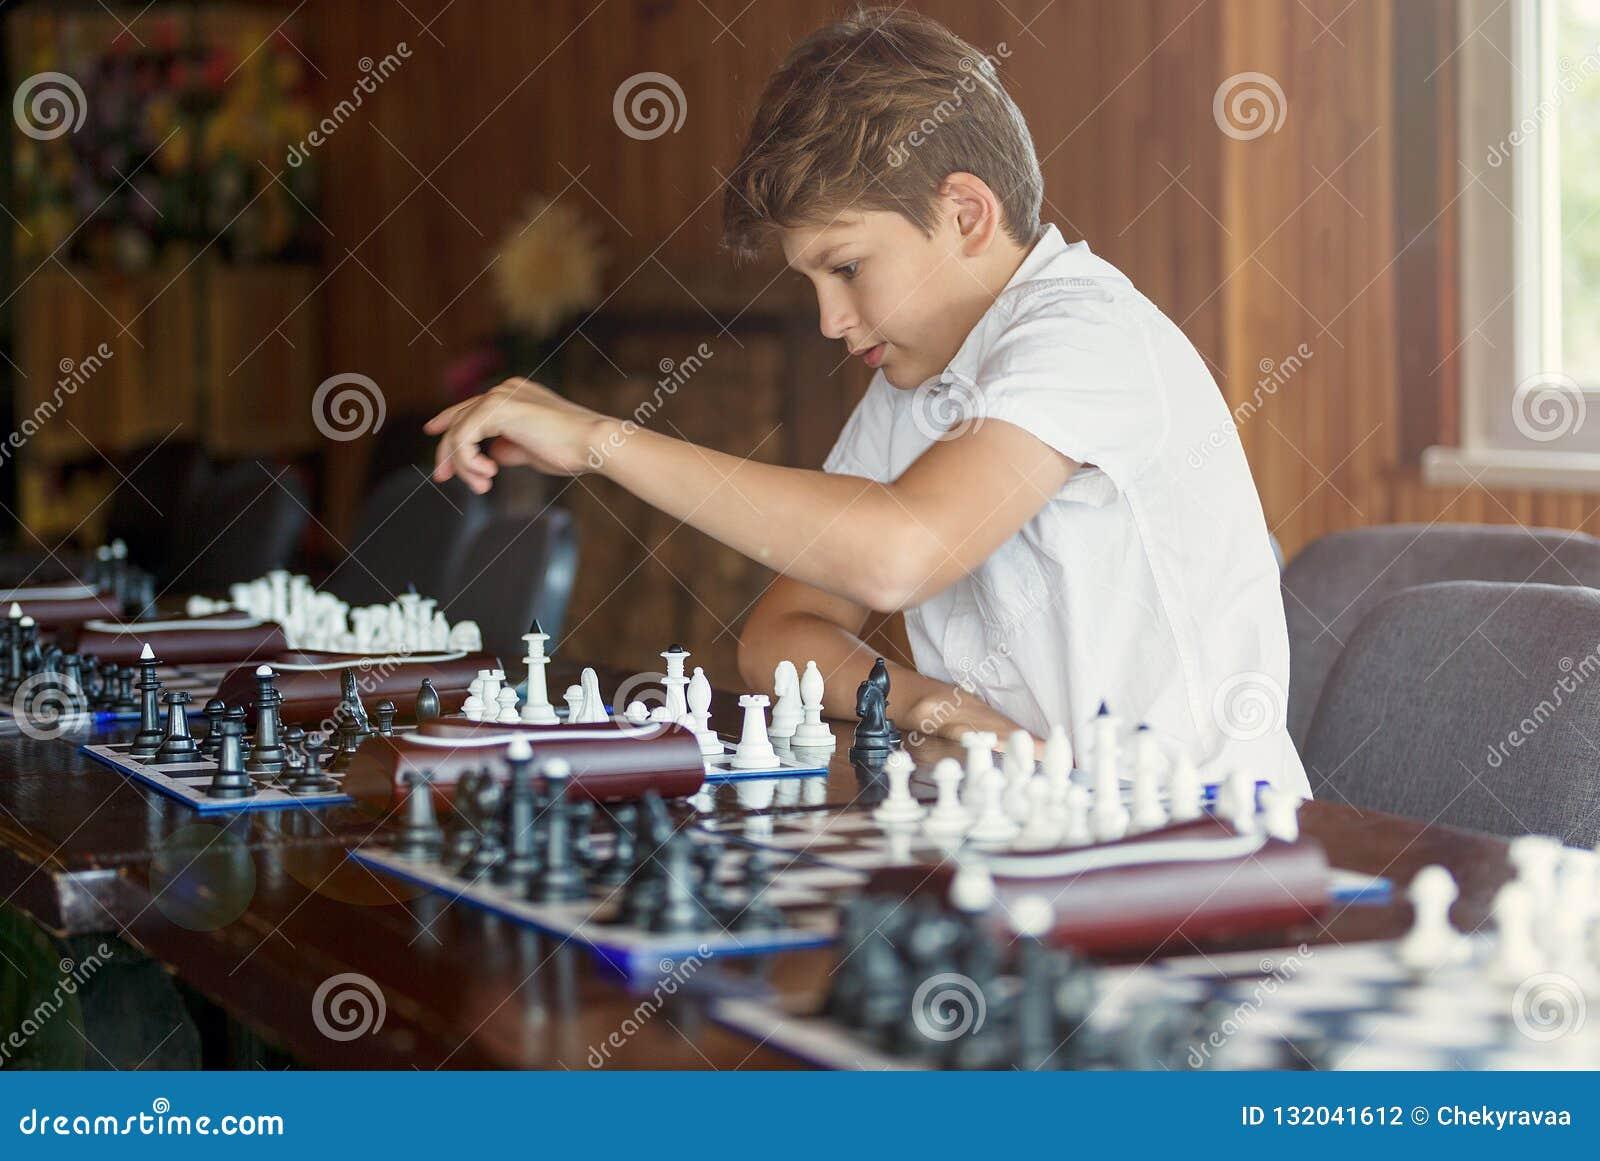 Den gulliga unga pojken spelar schack med träschackbrädet Schackturnering, kurs, läger, utbildning